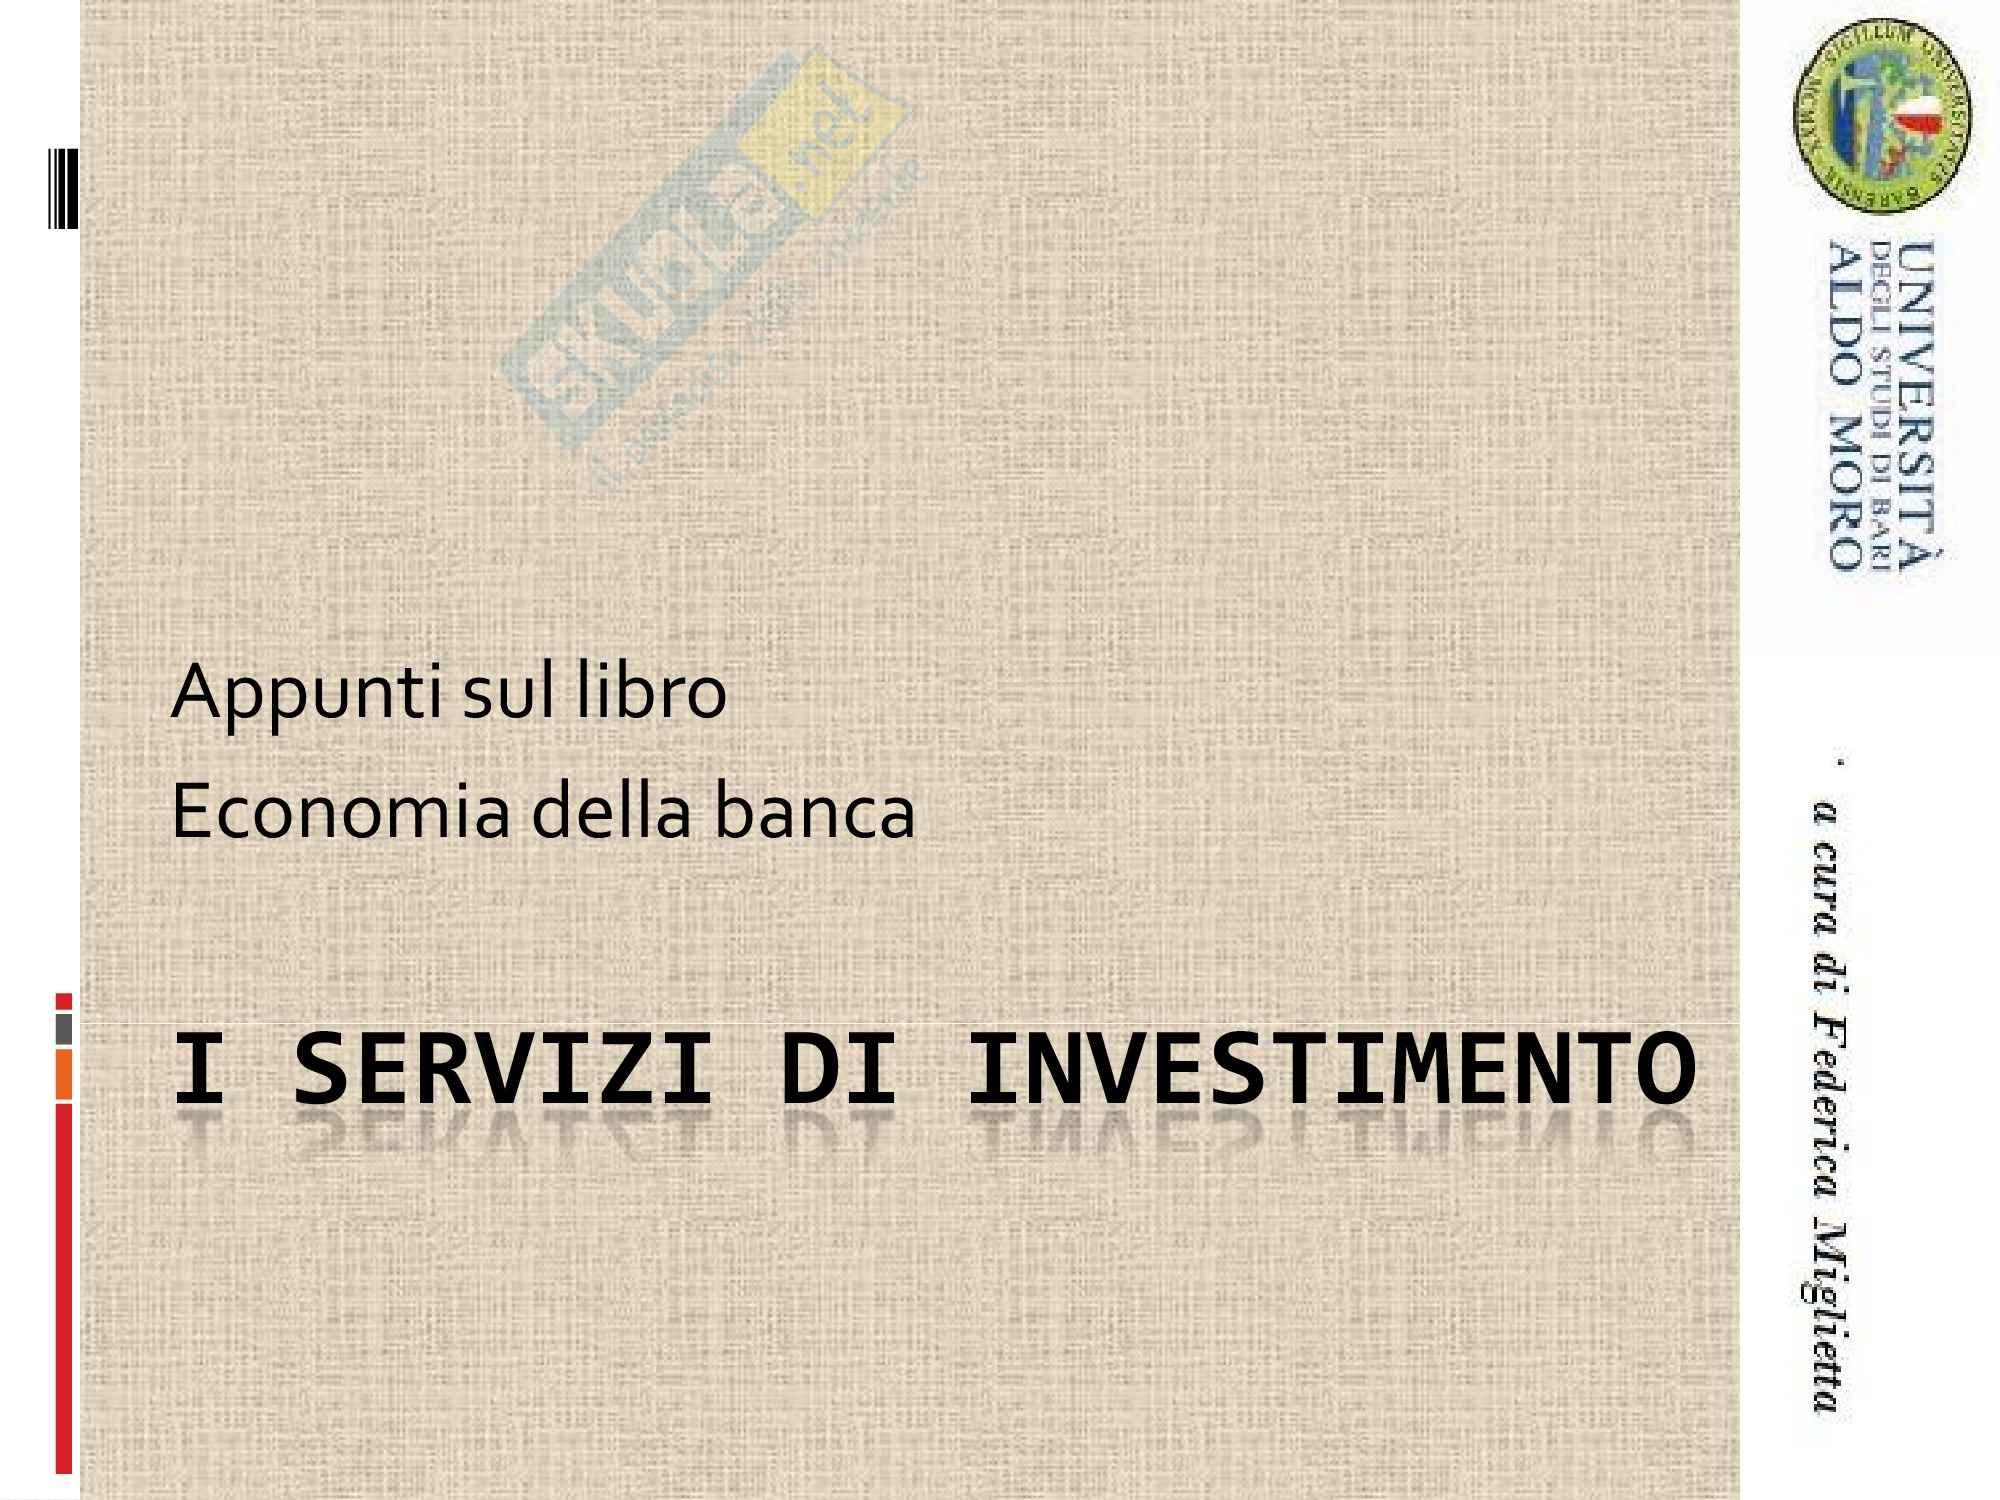 Economia degli intermediari finanziari - servizi investimento